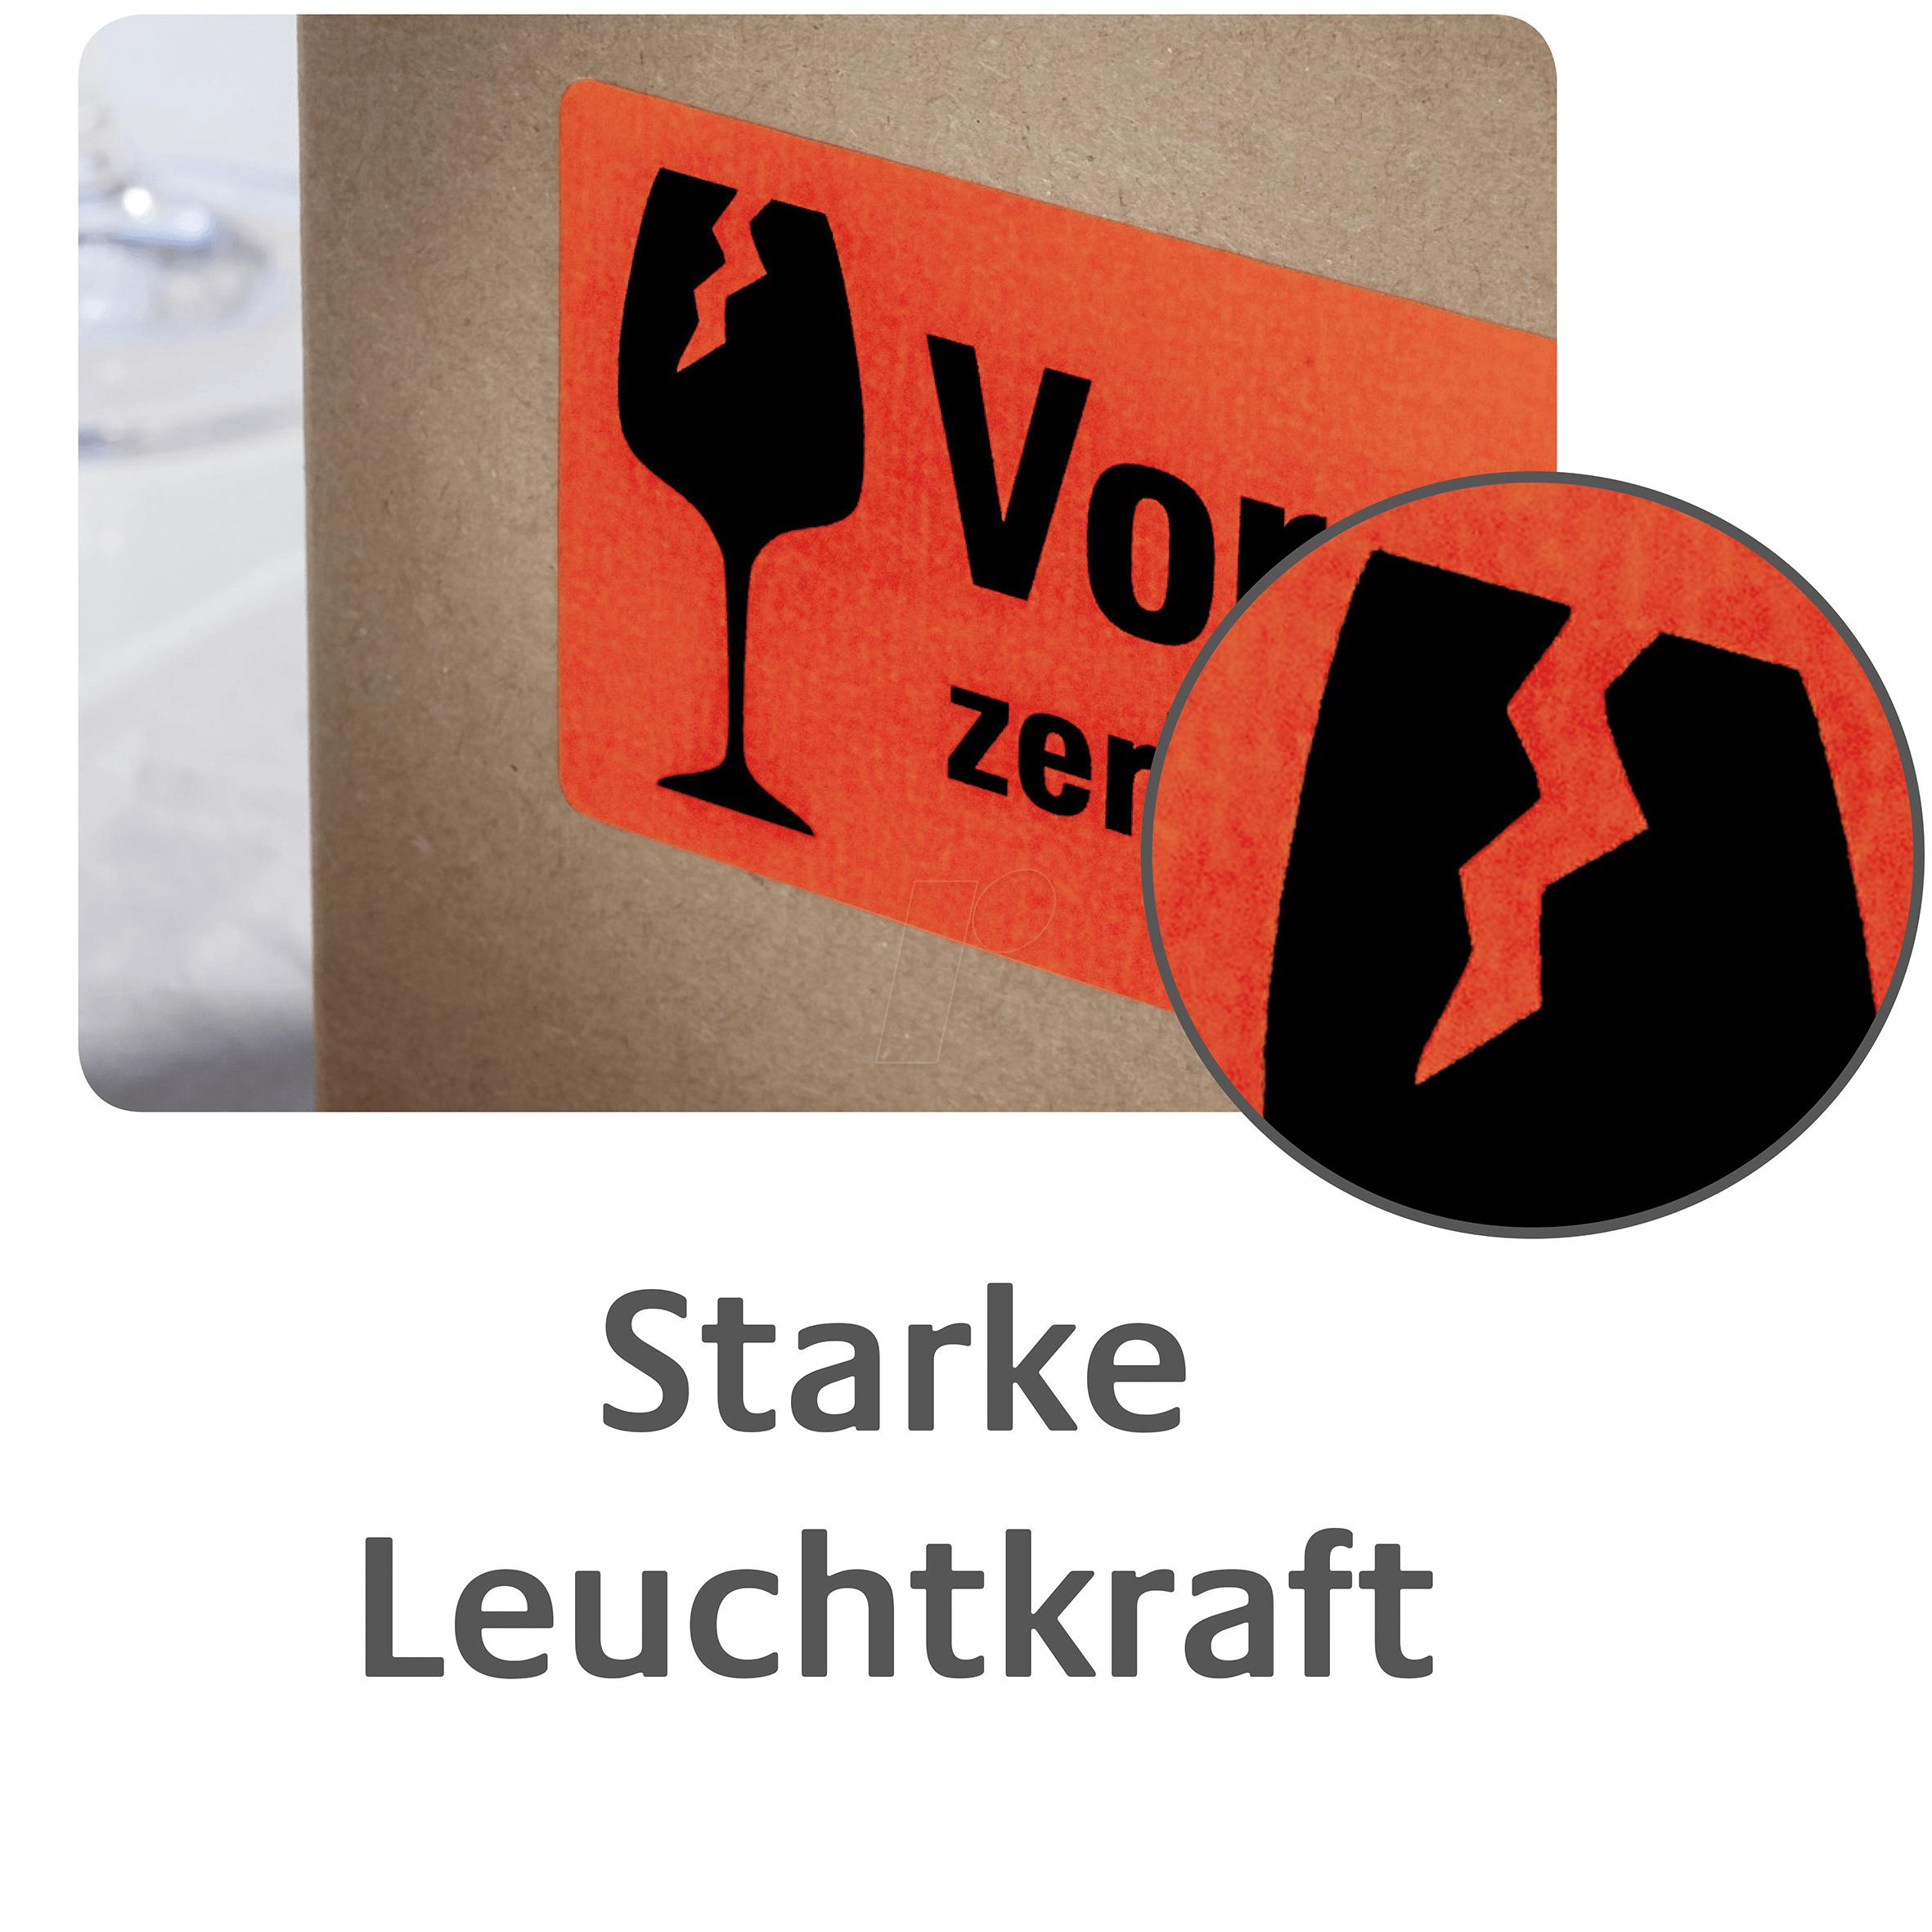 https://cdn-reichelt.de/bilder/web/xxl_ws/E460/AVZ_7213_04.png